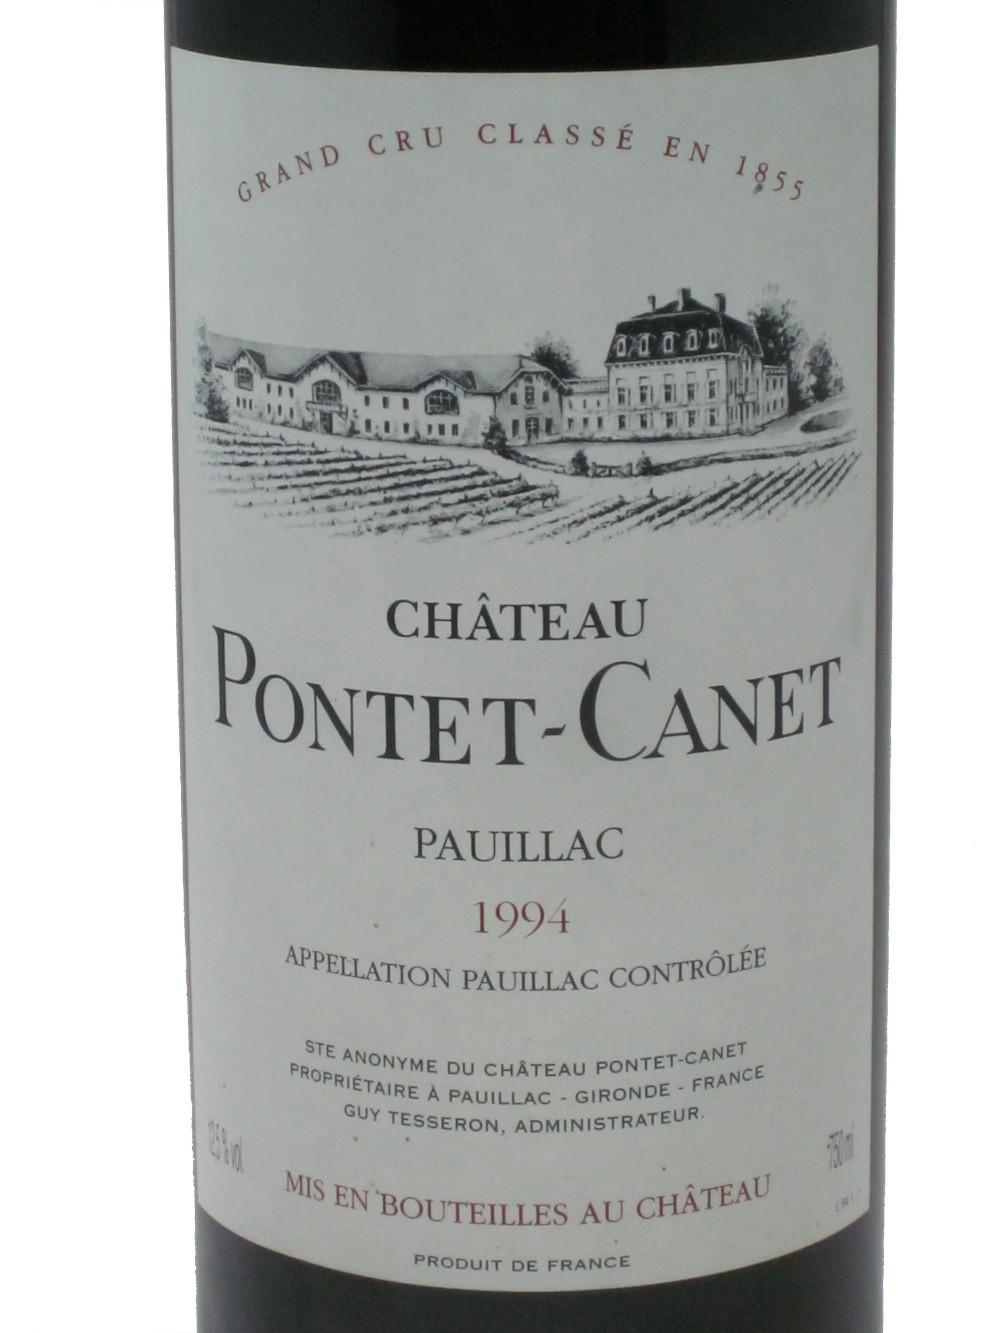 Chateau Pontet-Canet 1994 Bordeaux Pauillac Grand Cru Classe